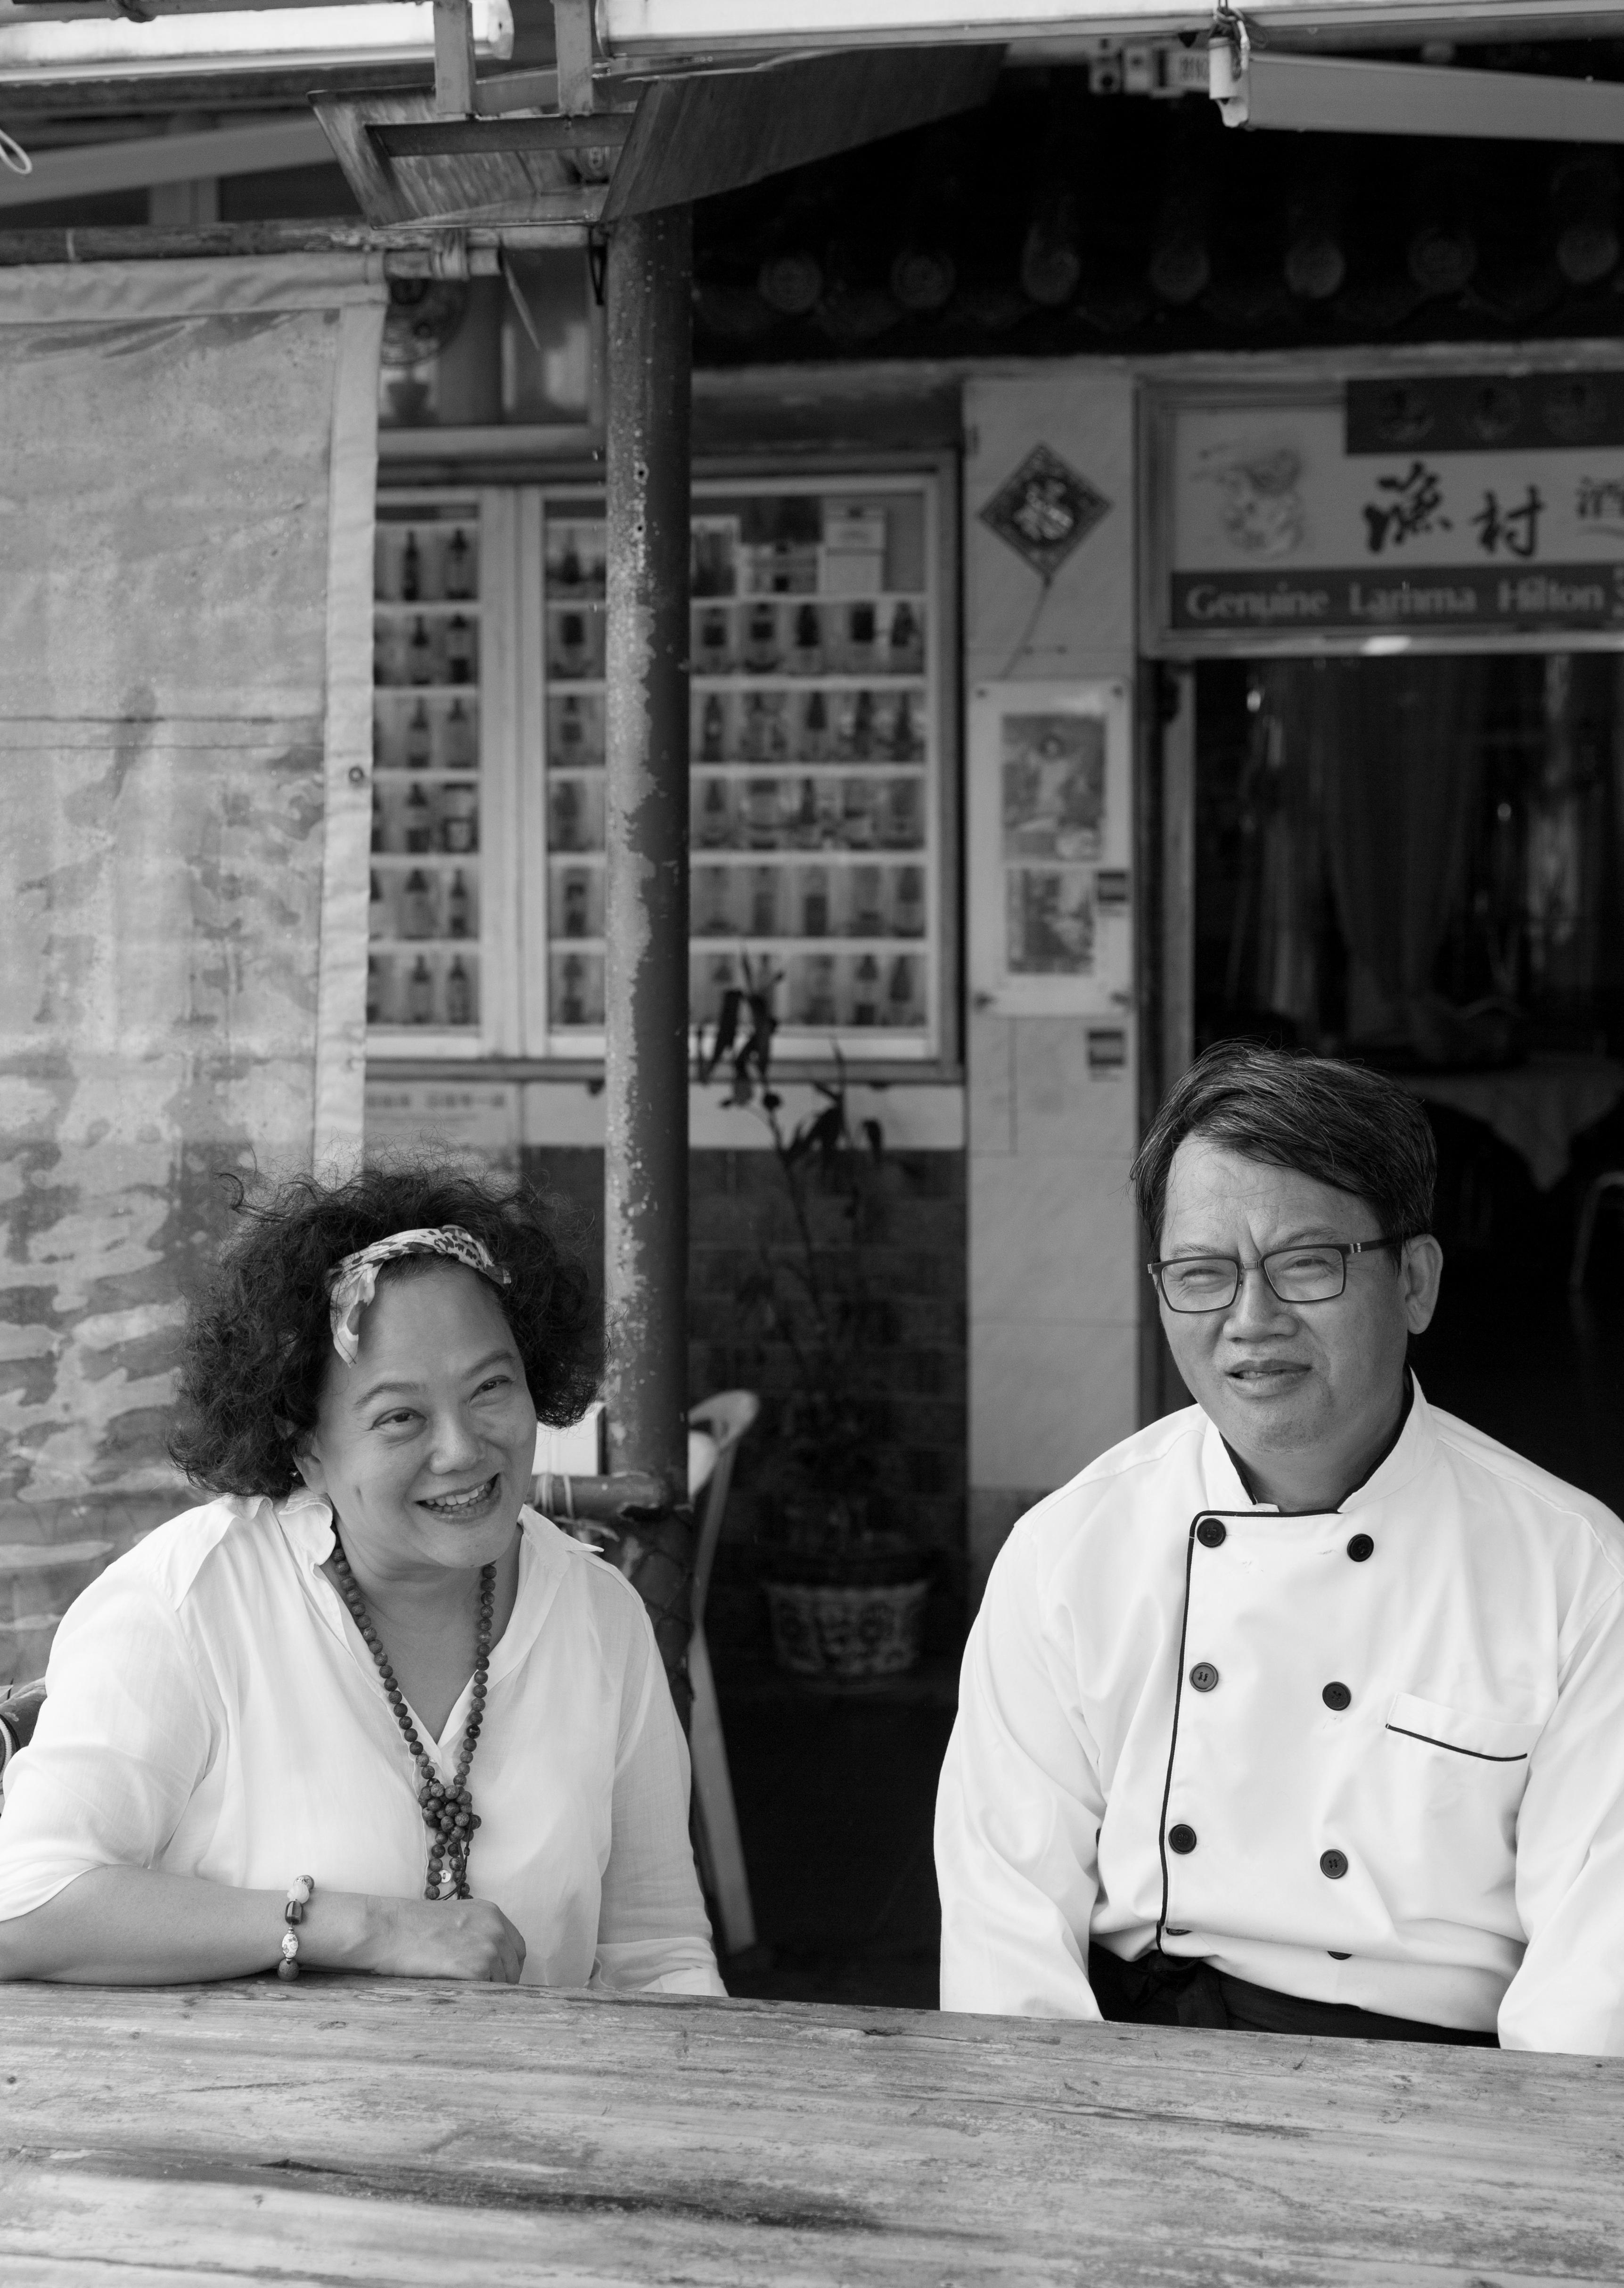 為了紀念過世的母親,三年前Christina(左)把母親生前最愛的食物重新復刻;哥哥阿祺(右)是執行者,延續威化雲吞蝦的傳說。